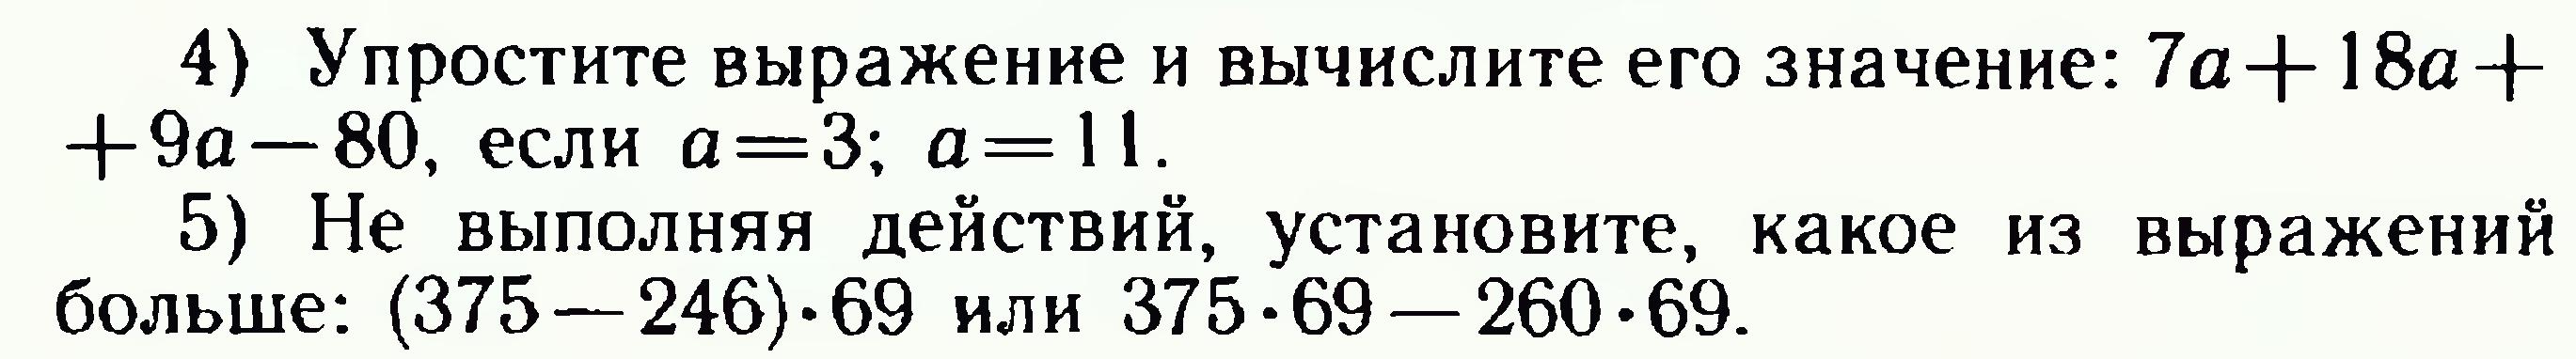 hello_html_3245e3fb.png